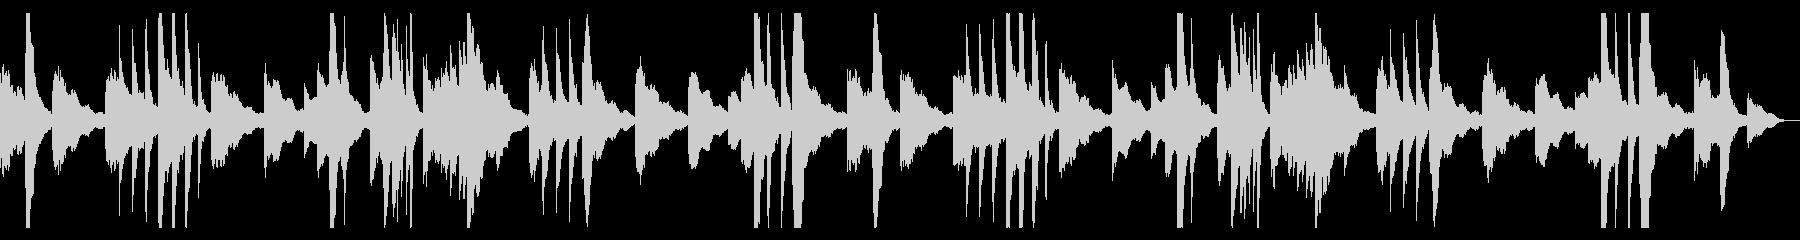 くつろぎ時間のためのピアノアンビエントの未再生の波形